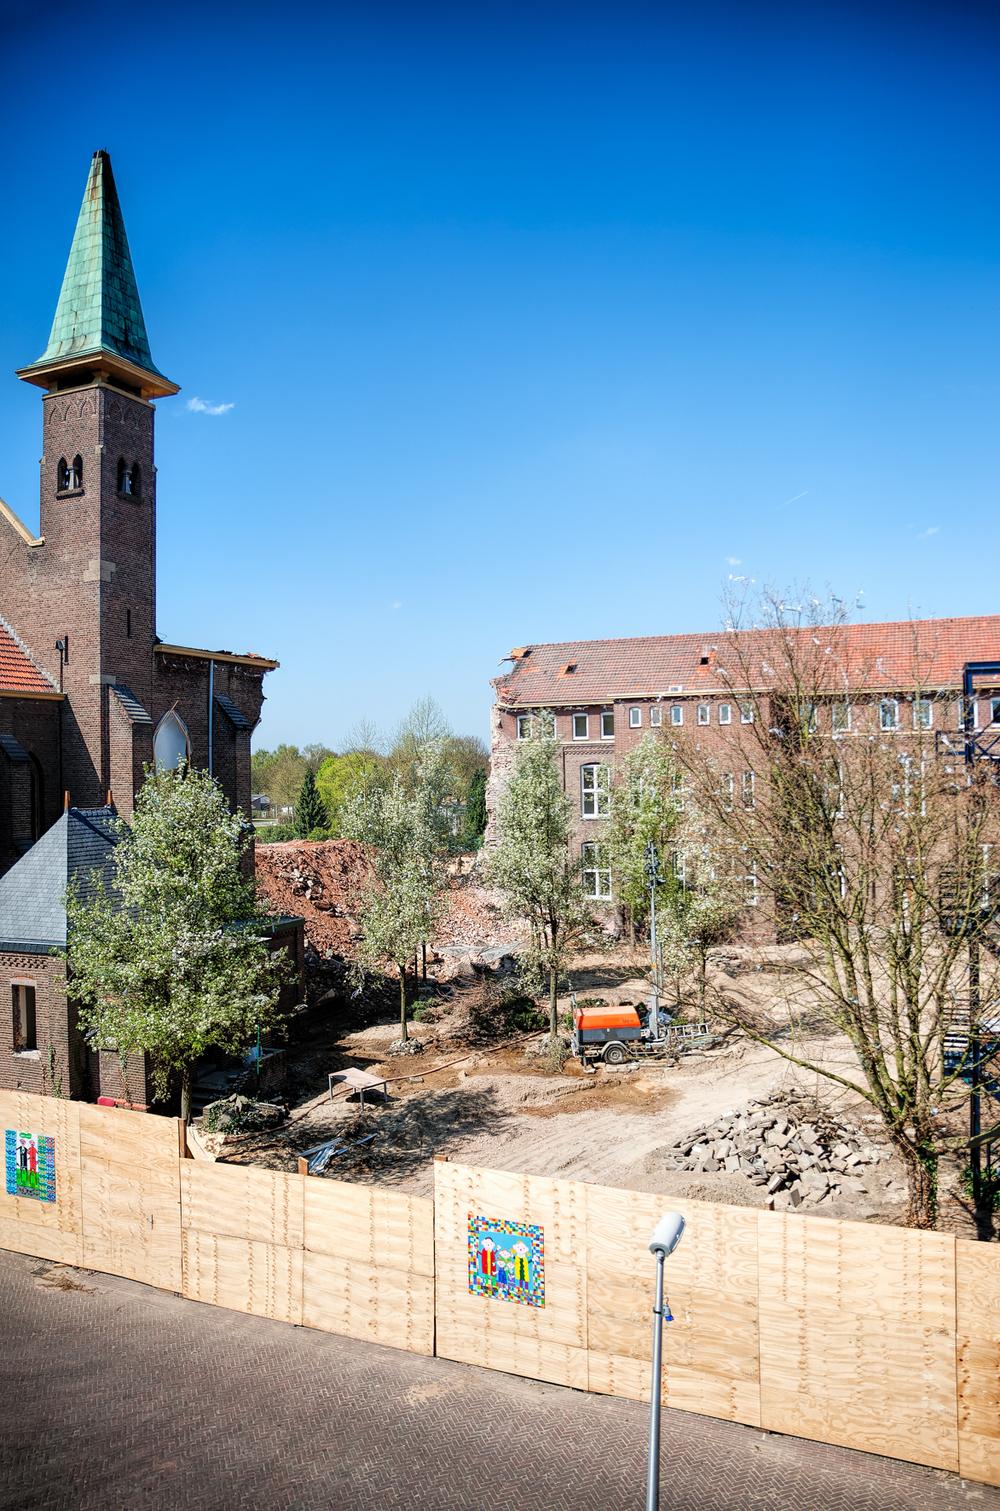 Rector_Driessenstraat-111.jpg